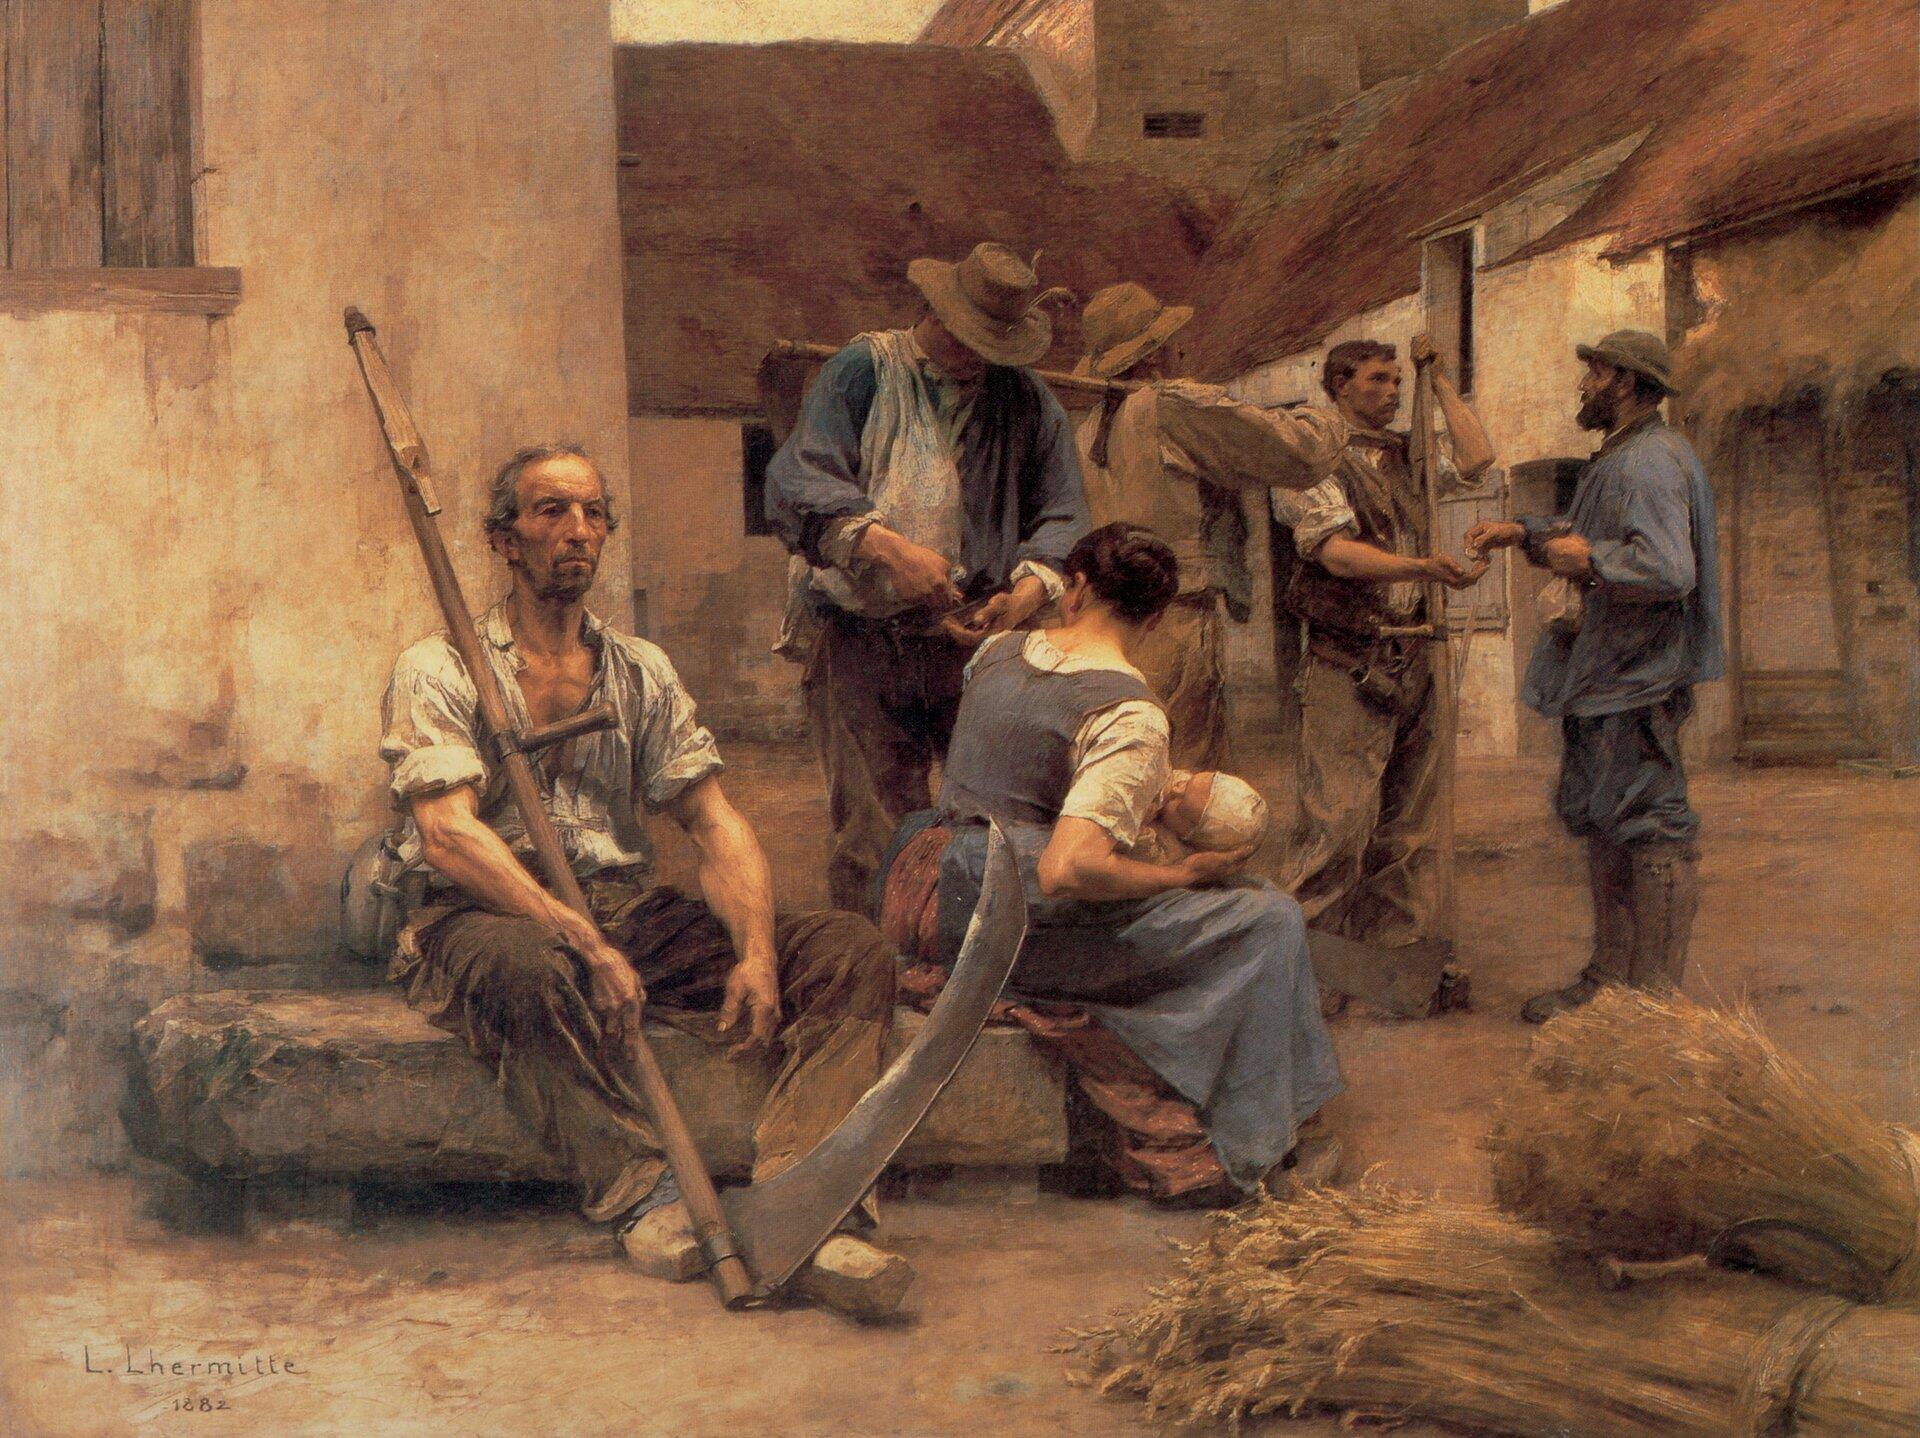 Wypłata żniwiarzy Źródło: Léon Lhermitte (1844–1925; czyt.: leon lermit; francuski malarz), Wypłata żniwiarzy, 1882, olej na płótnie, Musée d'Orsay, Paryż, domena publiczna.